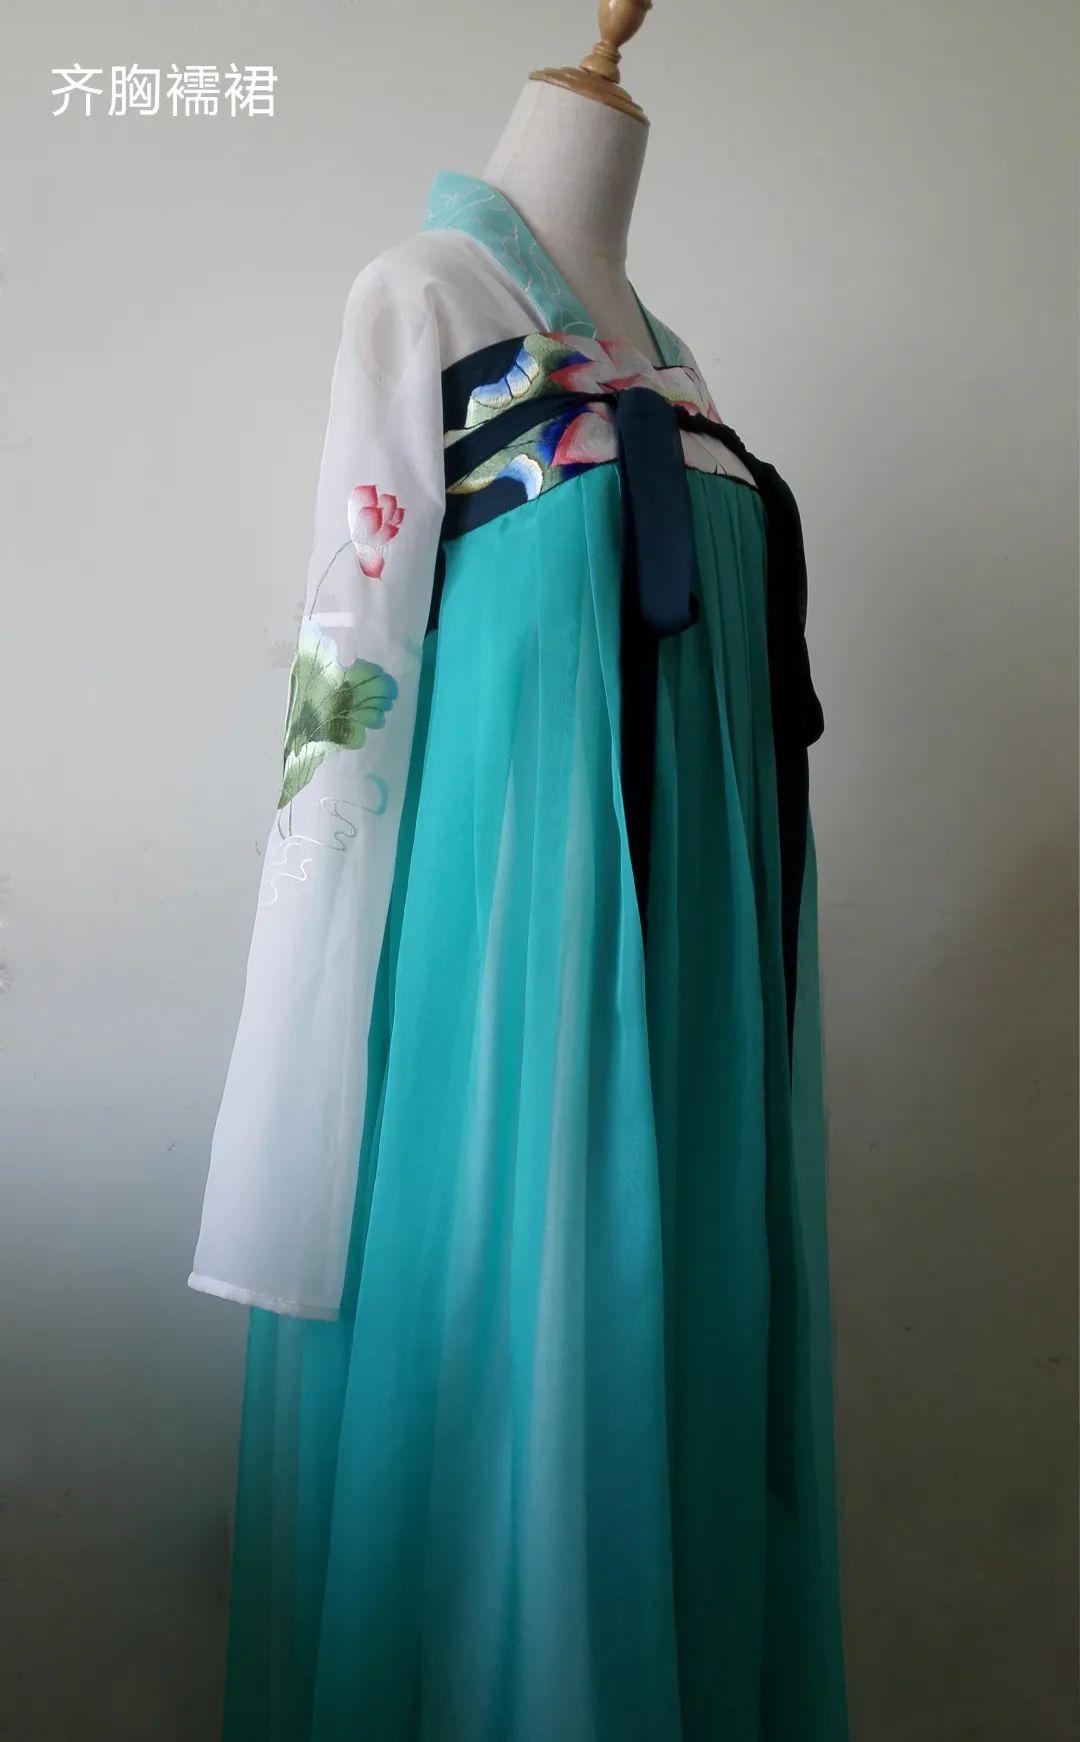 汉服制作教程   齐胸襦裙汉服三件套裁剪打板缝纫课程